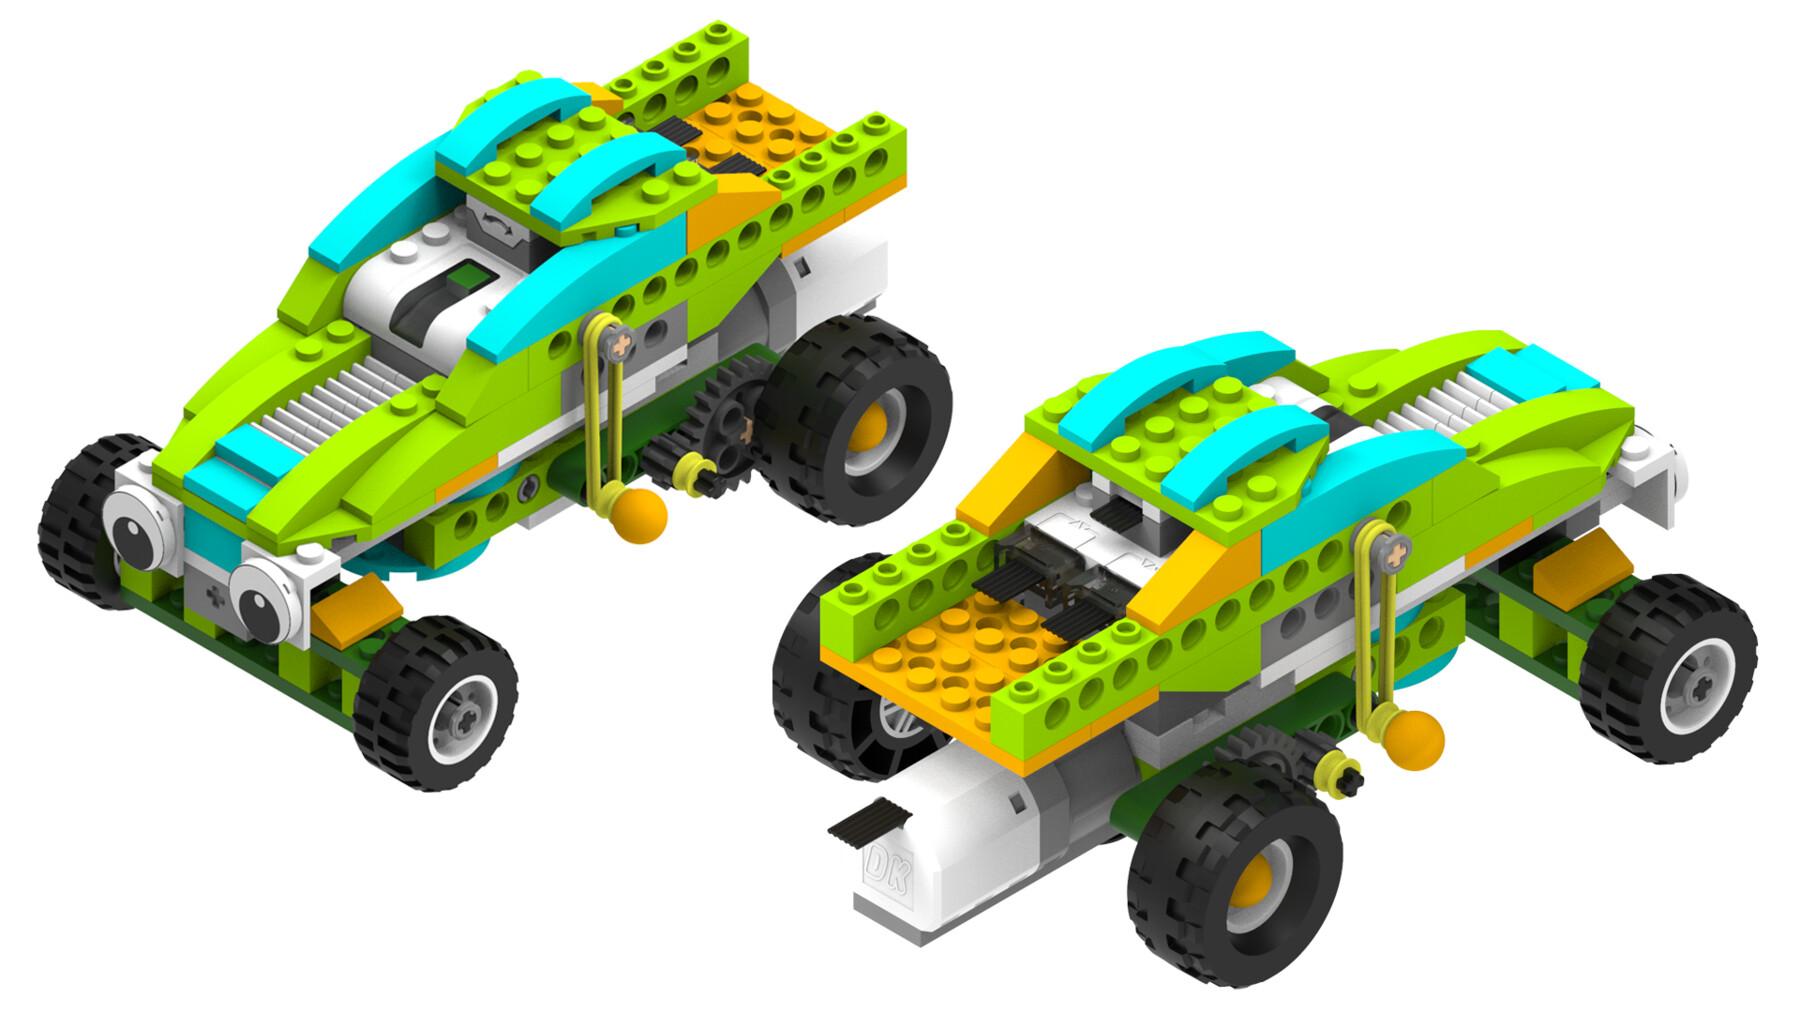 ArtStation - LEGO Education WeDo 2.0 45300 Bricks | Resources